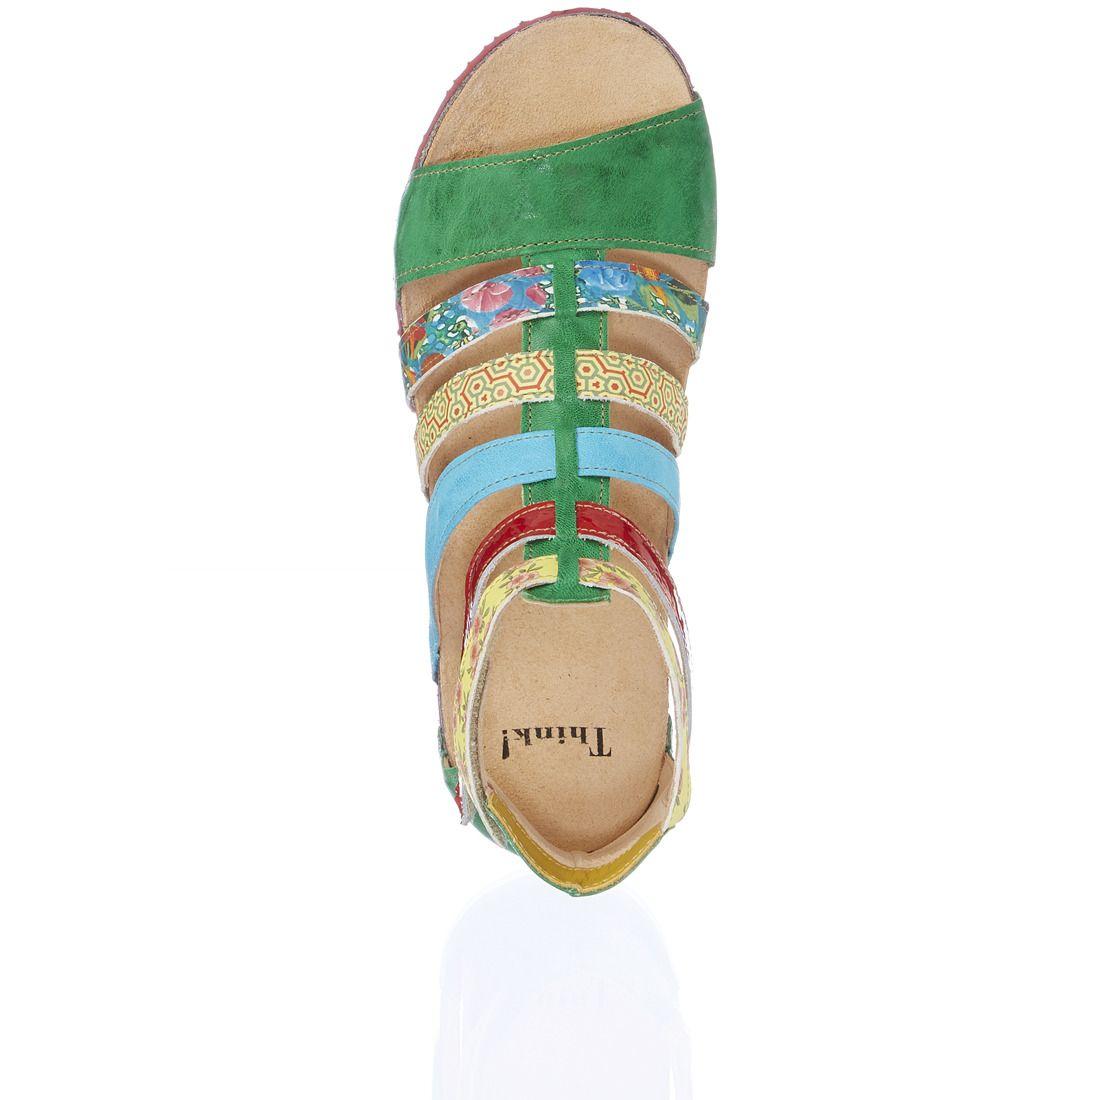 on sale e88c4 83466 99,90 Think Sandale